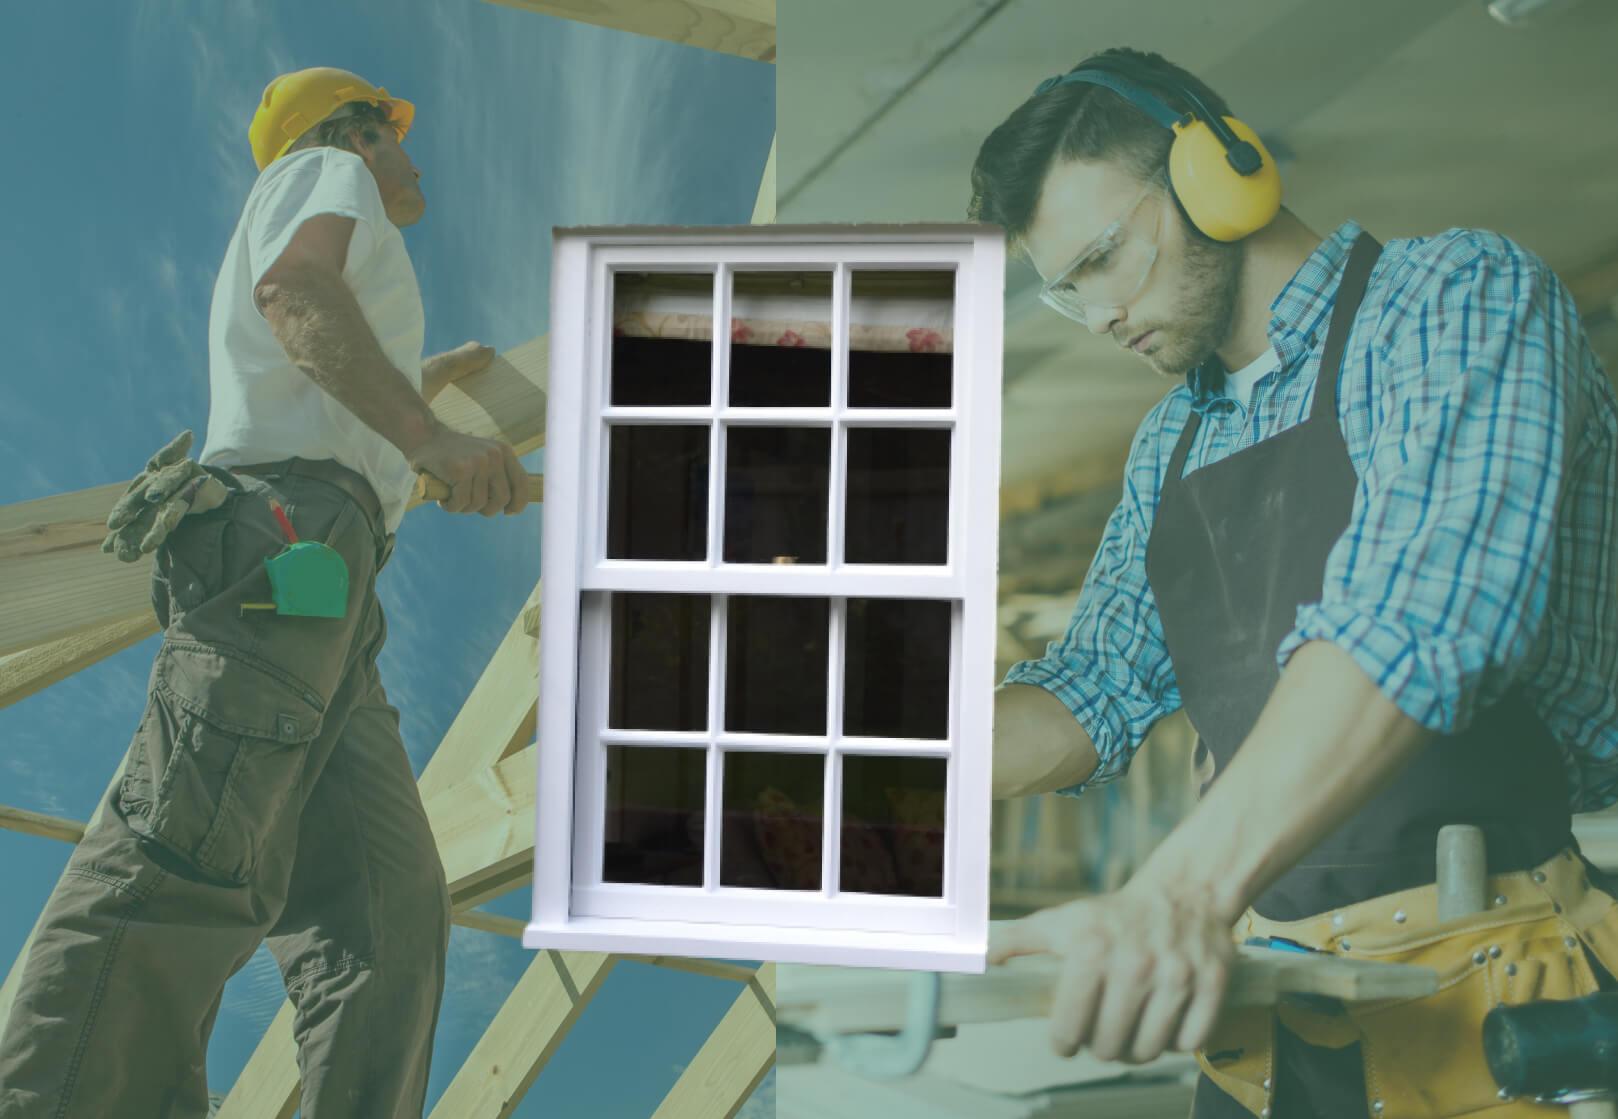 carpenter-or-joiner to repair my windows